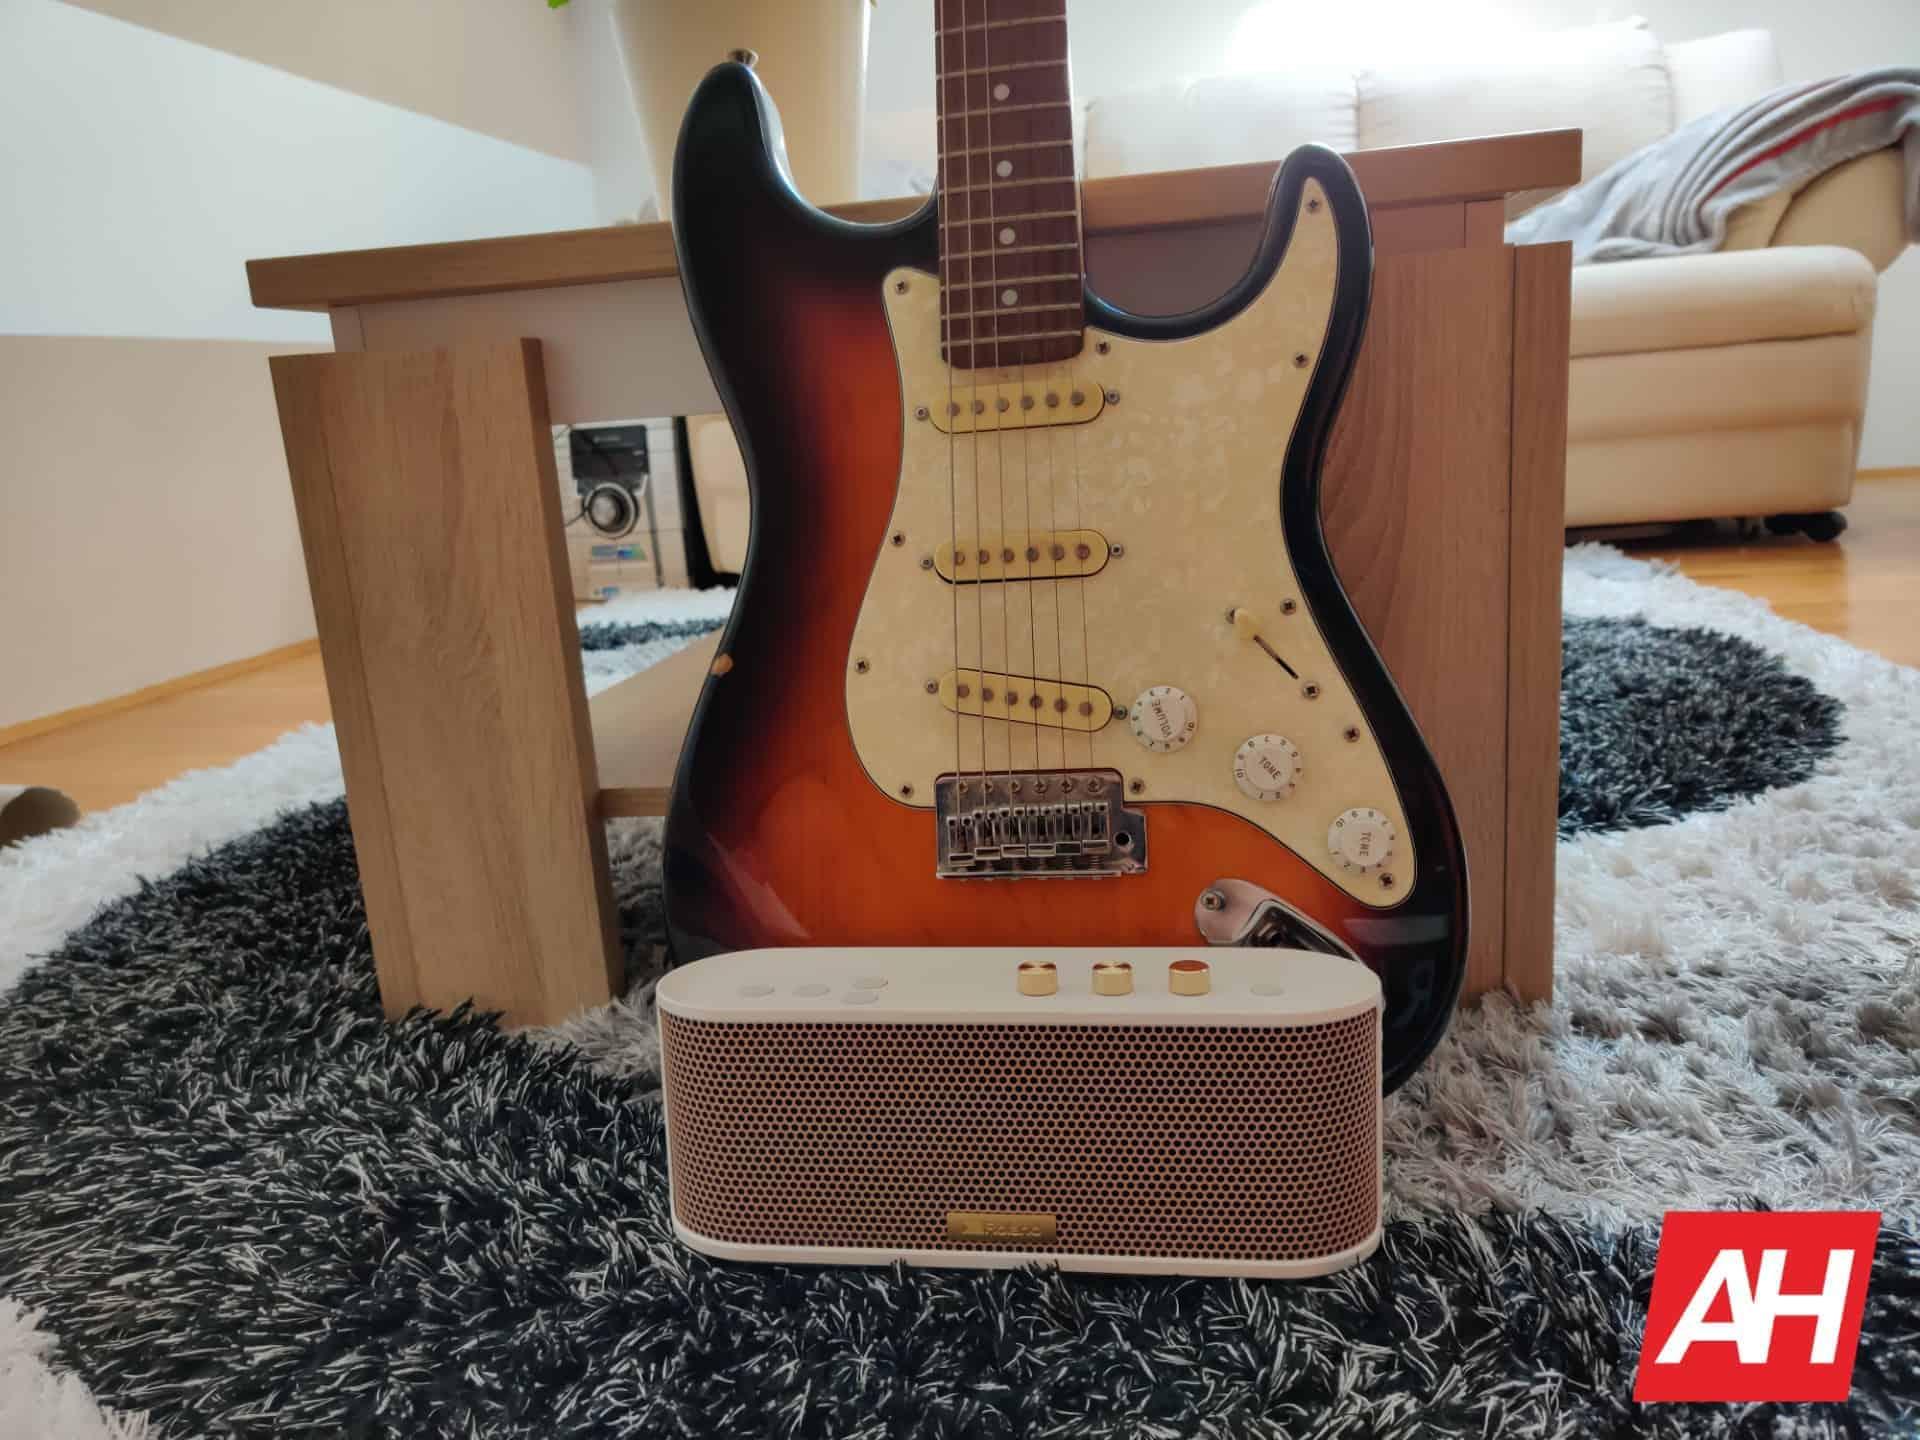 Roland BTM 1 Bluetooh speaker 27